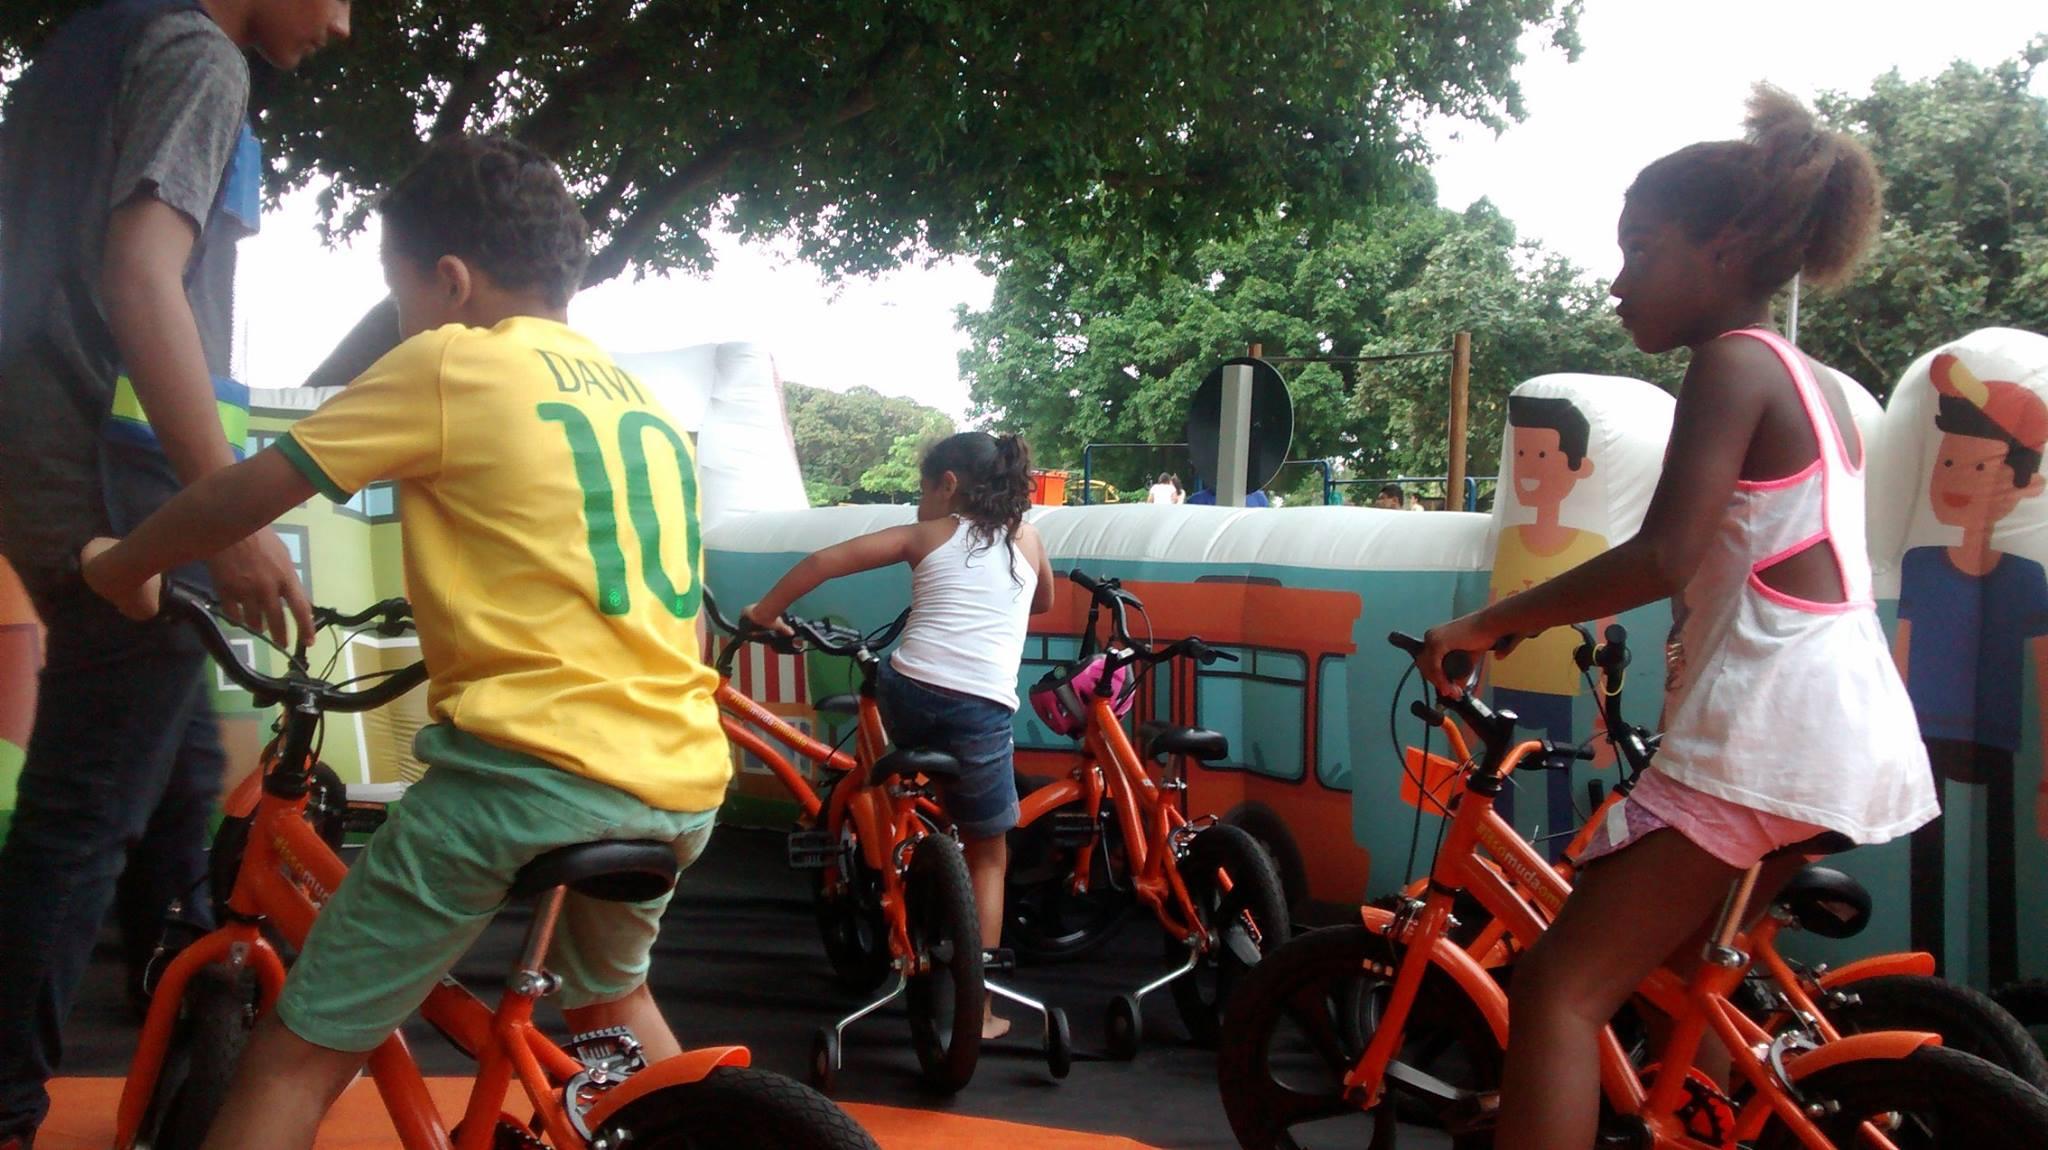 Atividades também são voltadas para educação contra o trânsito. Foto: Reprodução Facebook.